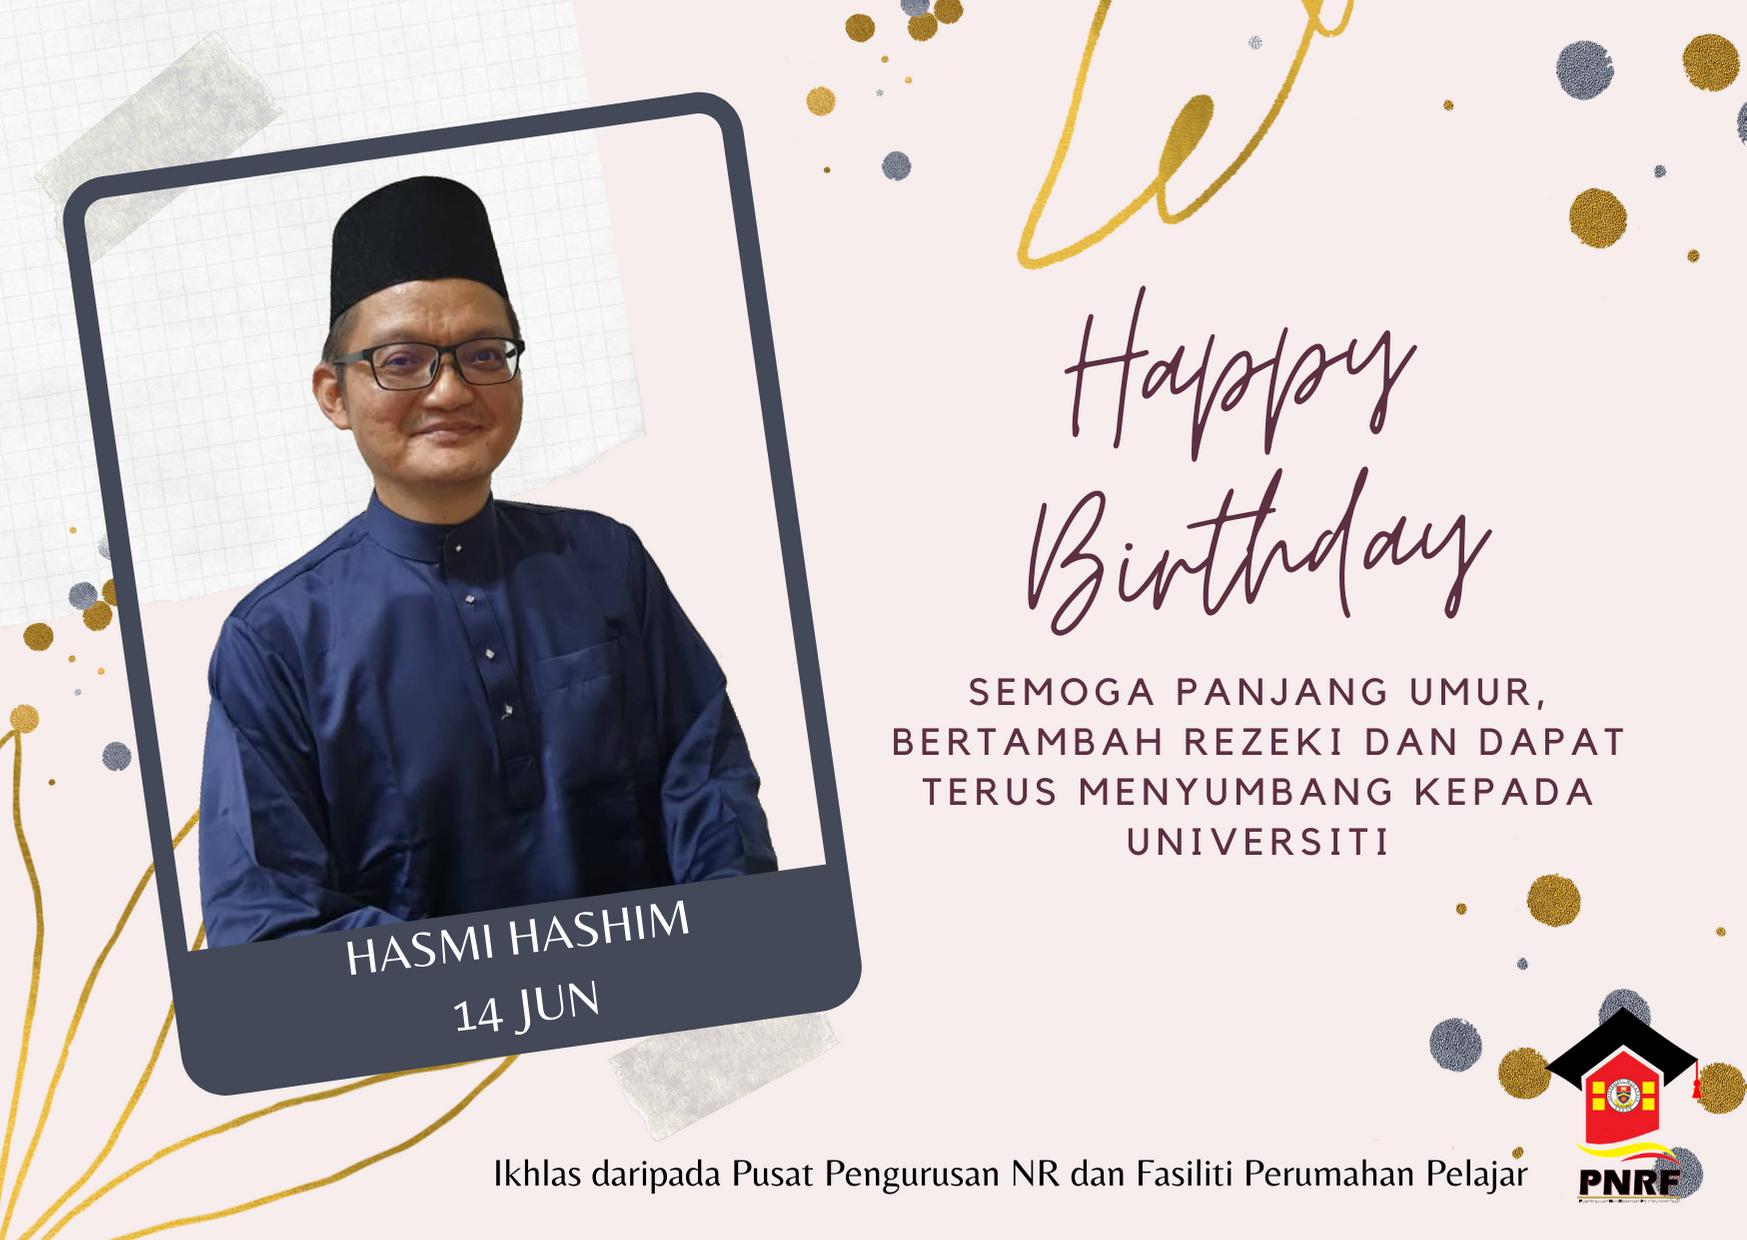 Selamat Hari Ulang Tahun Kelahiran En. Hasmi Hashim